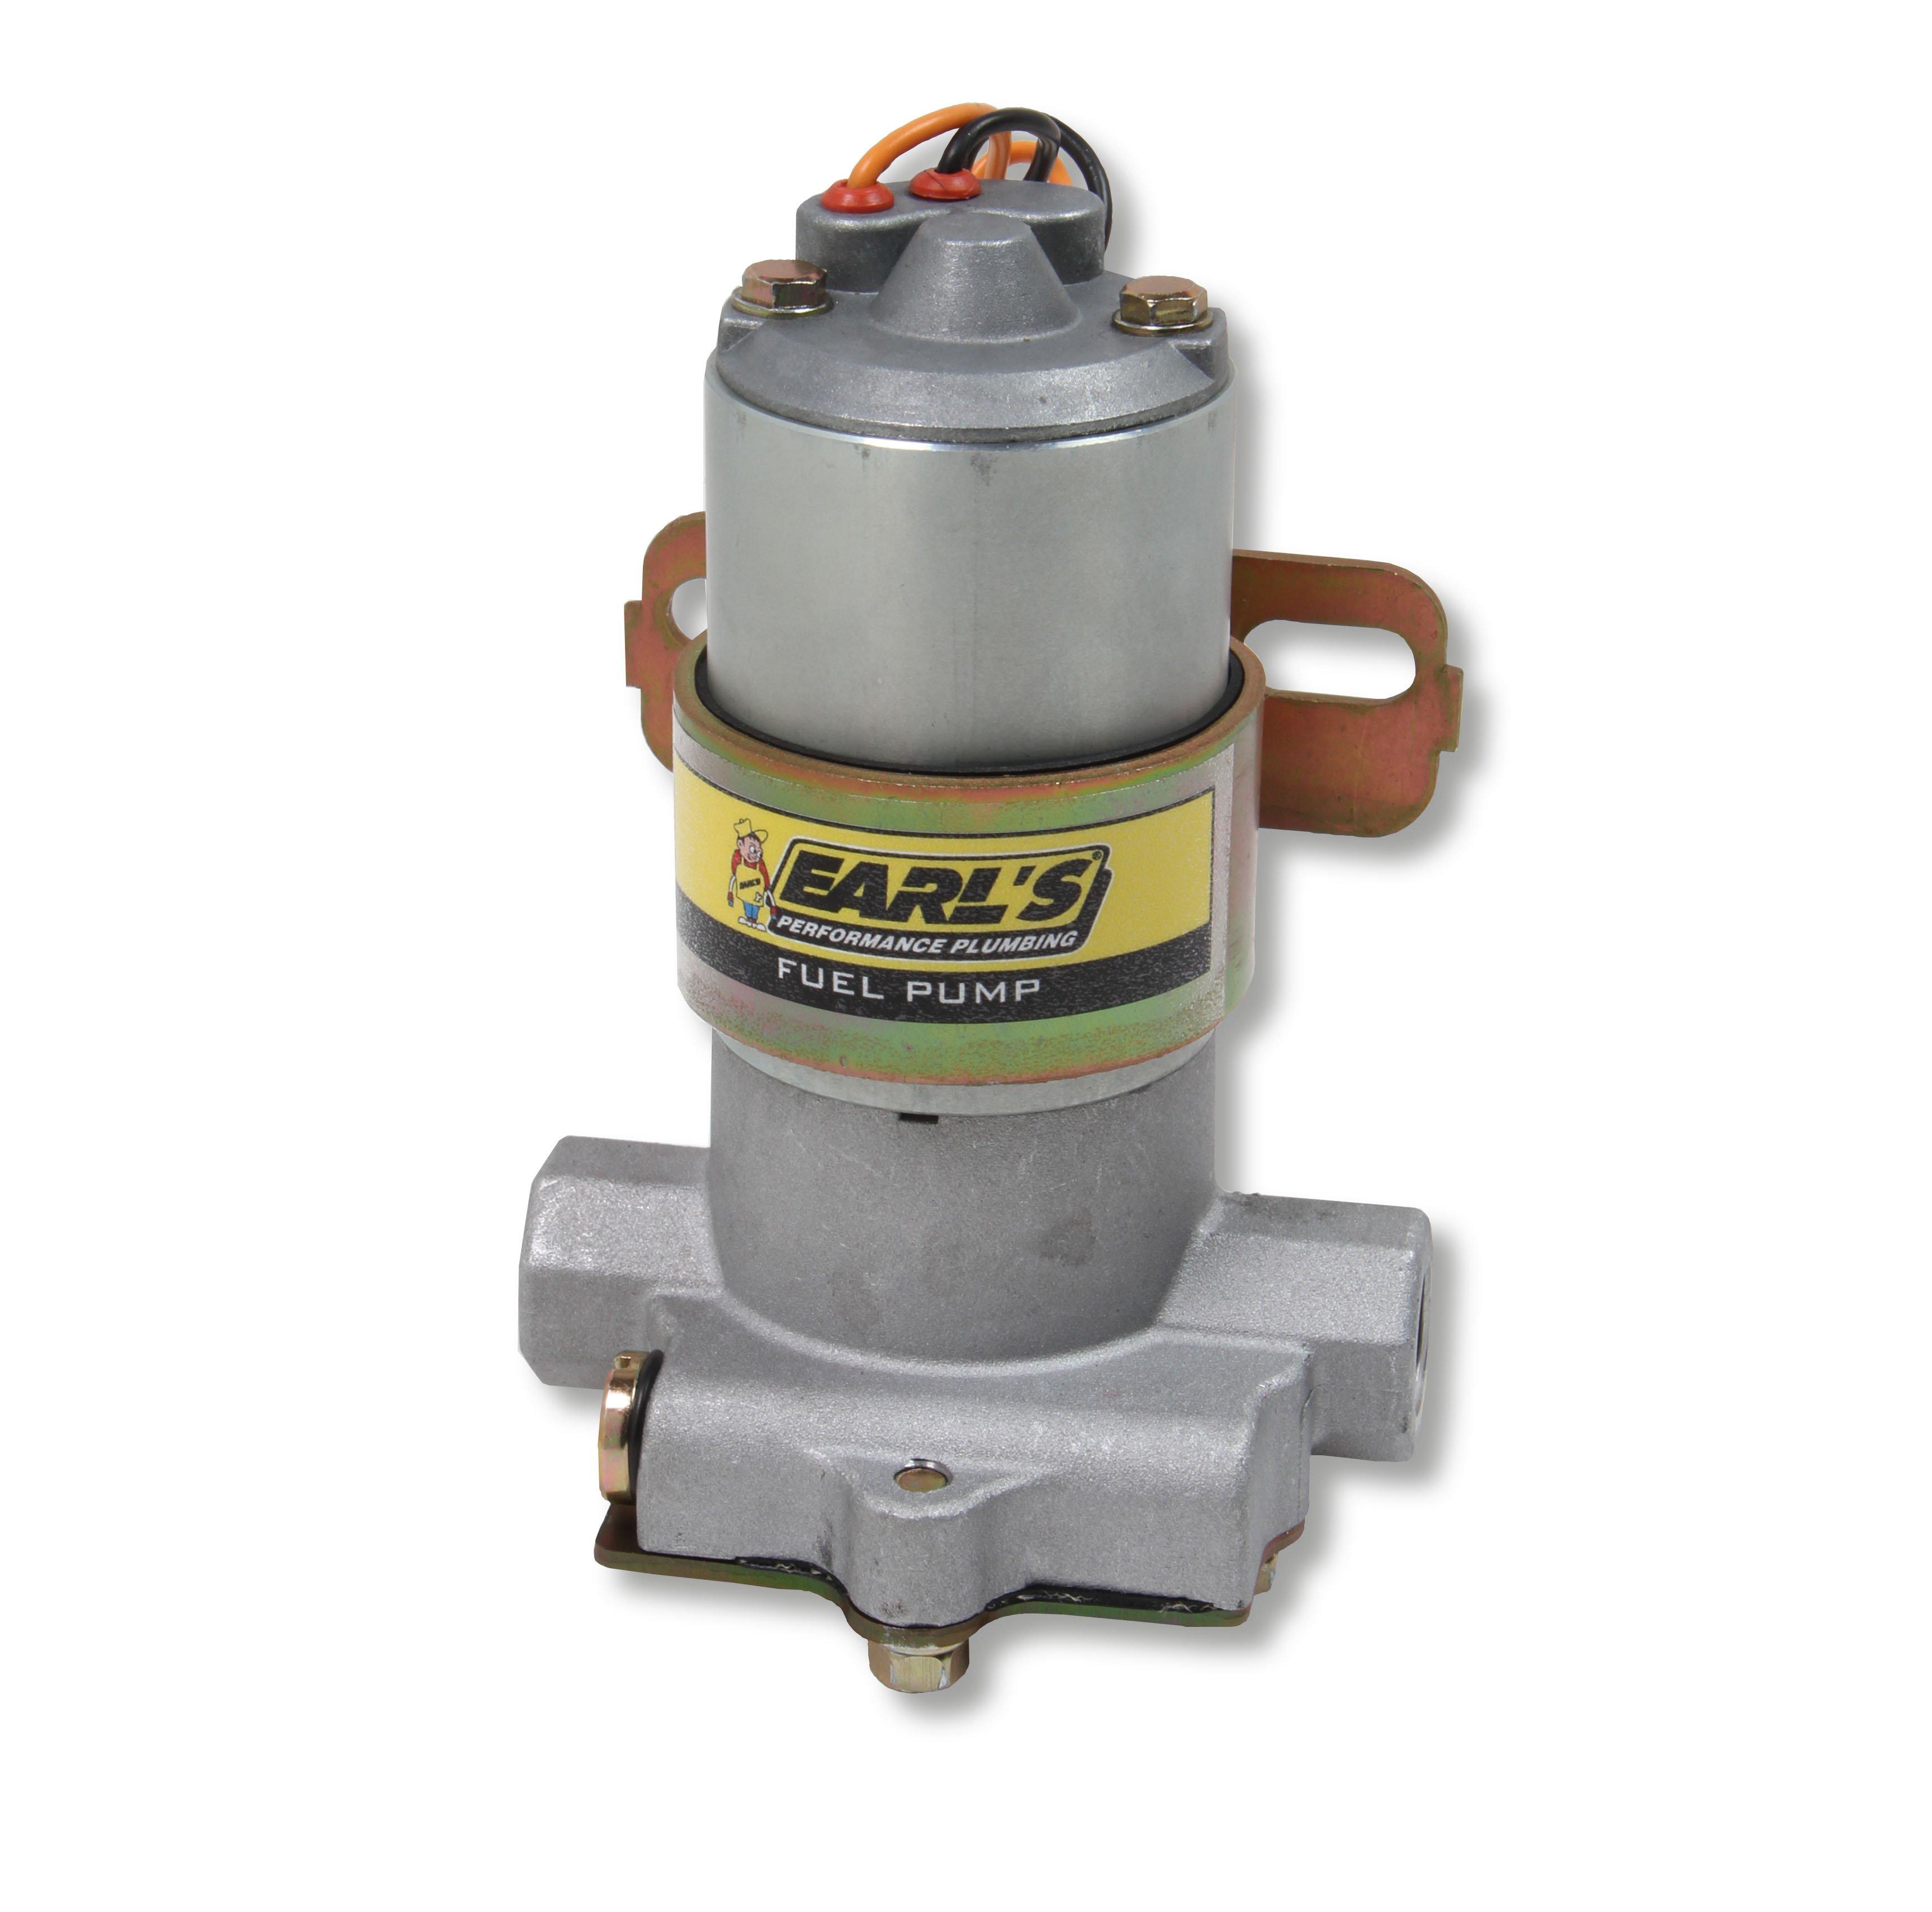 140 GPH Fuel Pump